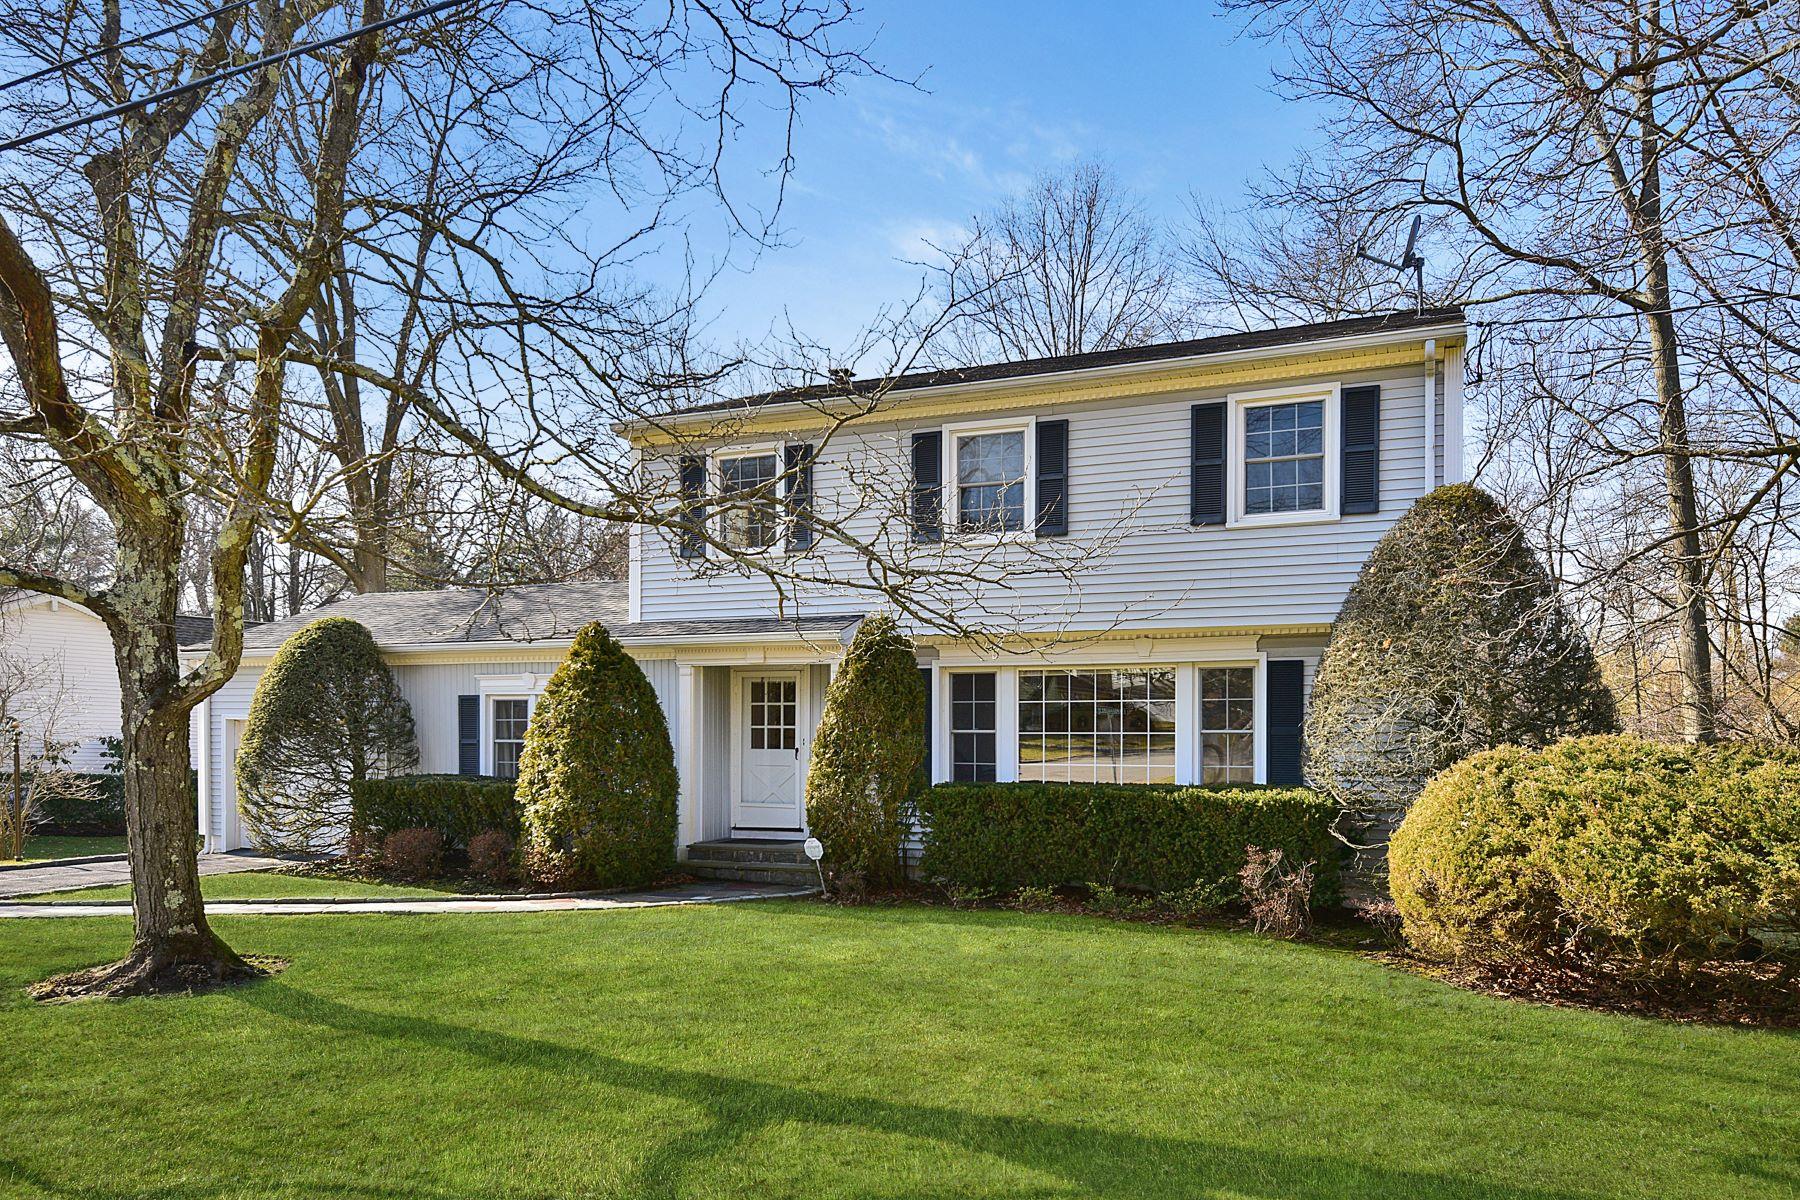 独户住宅 为 销售 在 Scarsdale Park Community 86 Tewkesbury Road, 斯卡斯代尔, 纽约州, 10583 美国